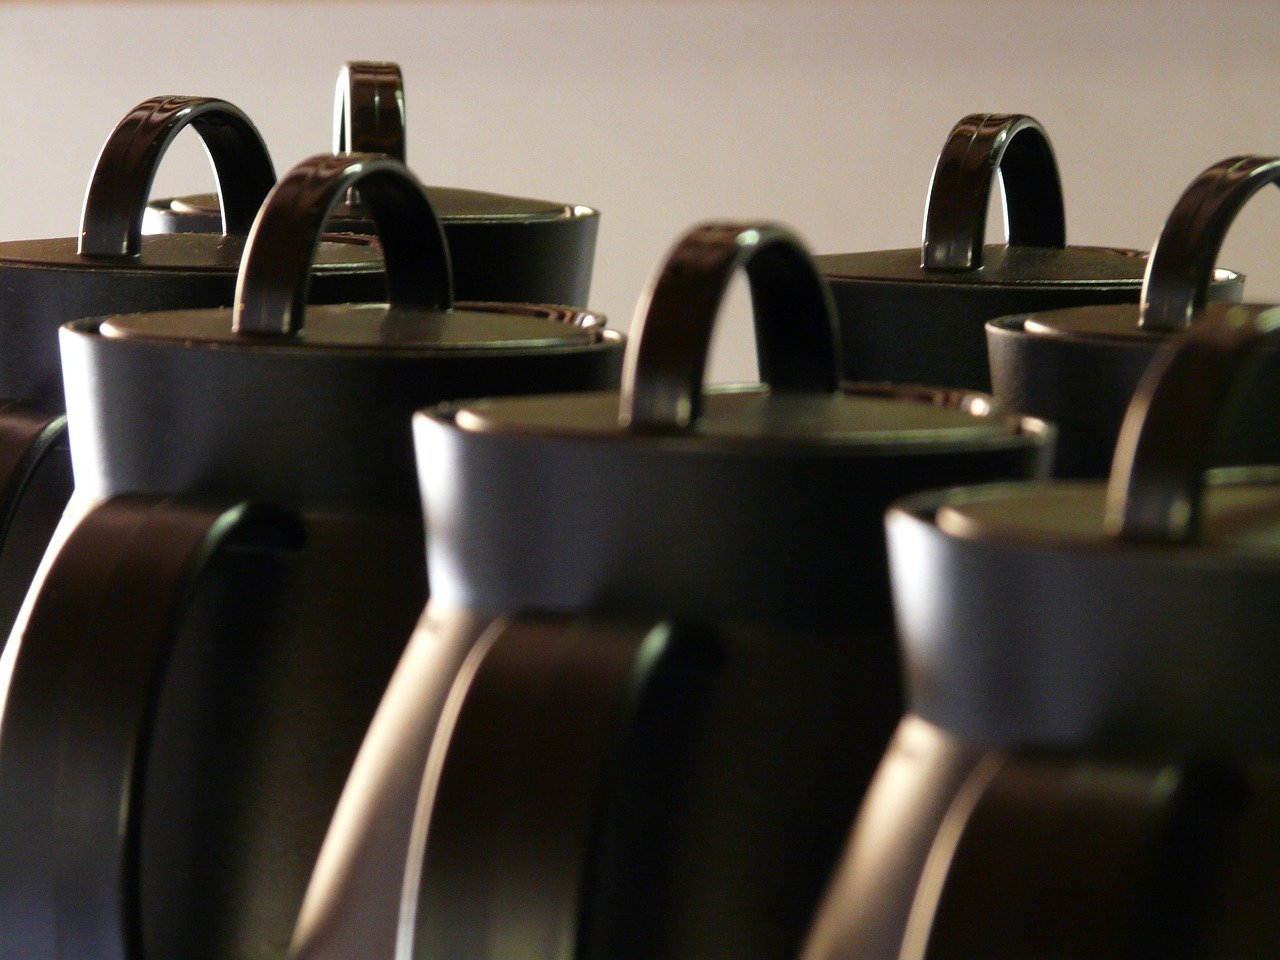 Kaffeekannen gibt es in den unterschiedlichsten Formen, Farben und Arten.